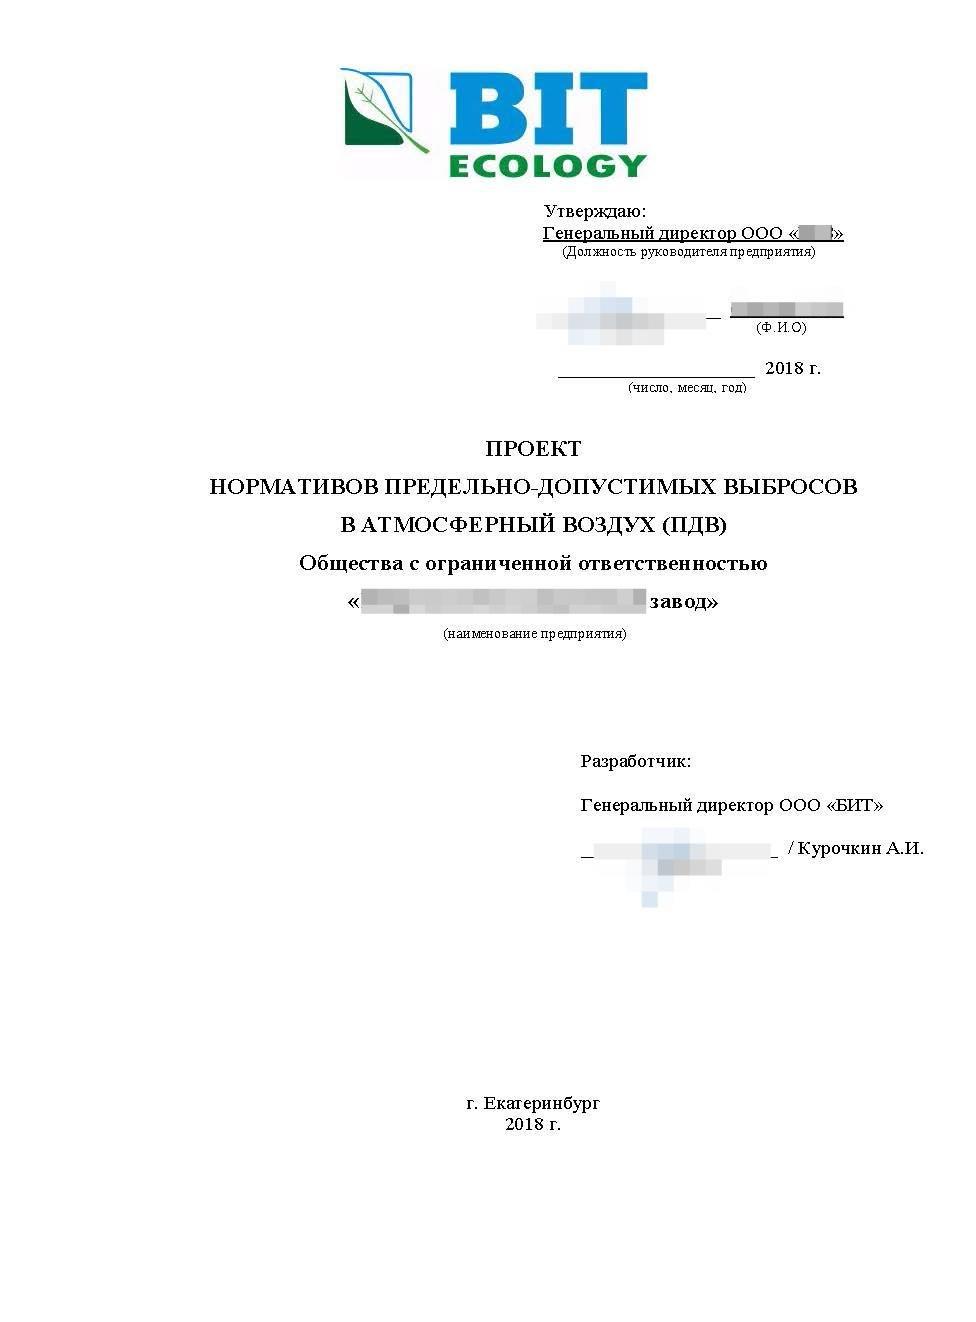 Проект пдв (проект нормативов предельно допустимых выбросов загрязняющих веществ в атмосферный воздух)